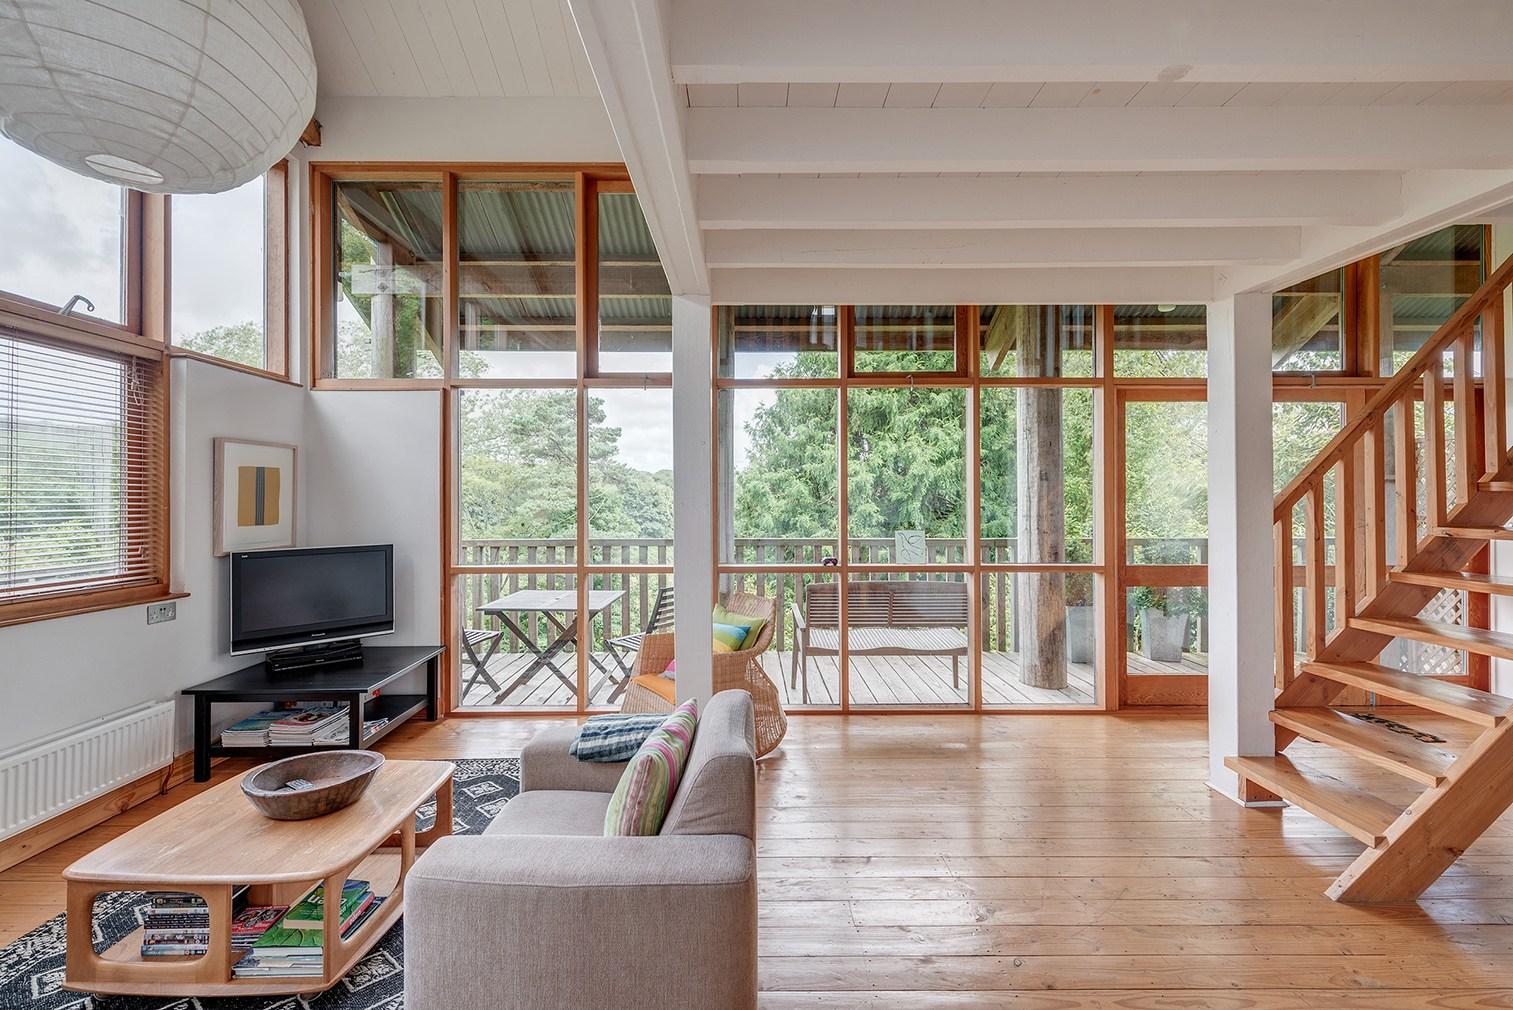 preço de aluguel de casas em orlando